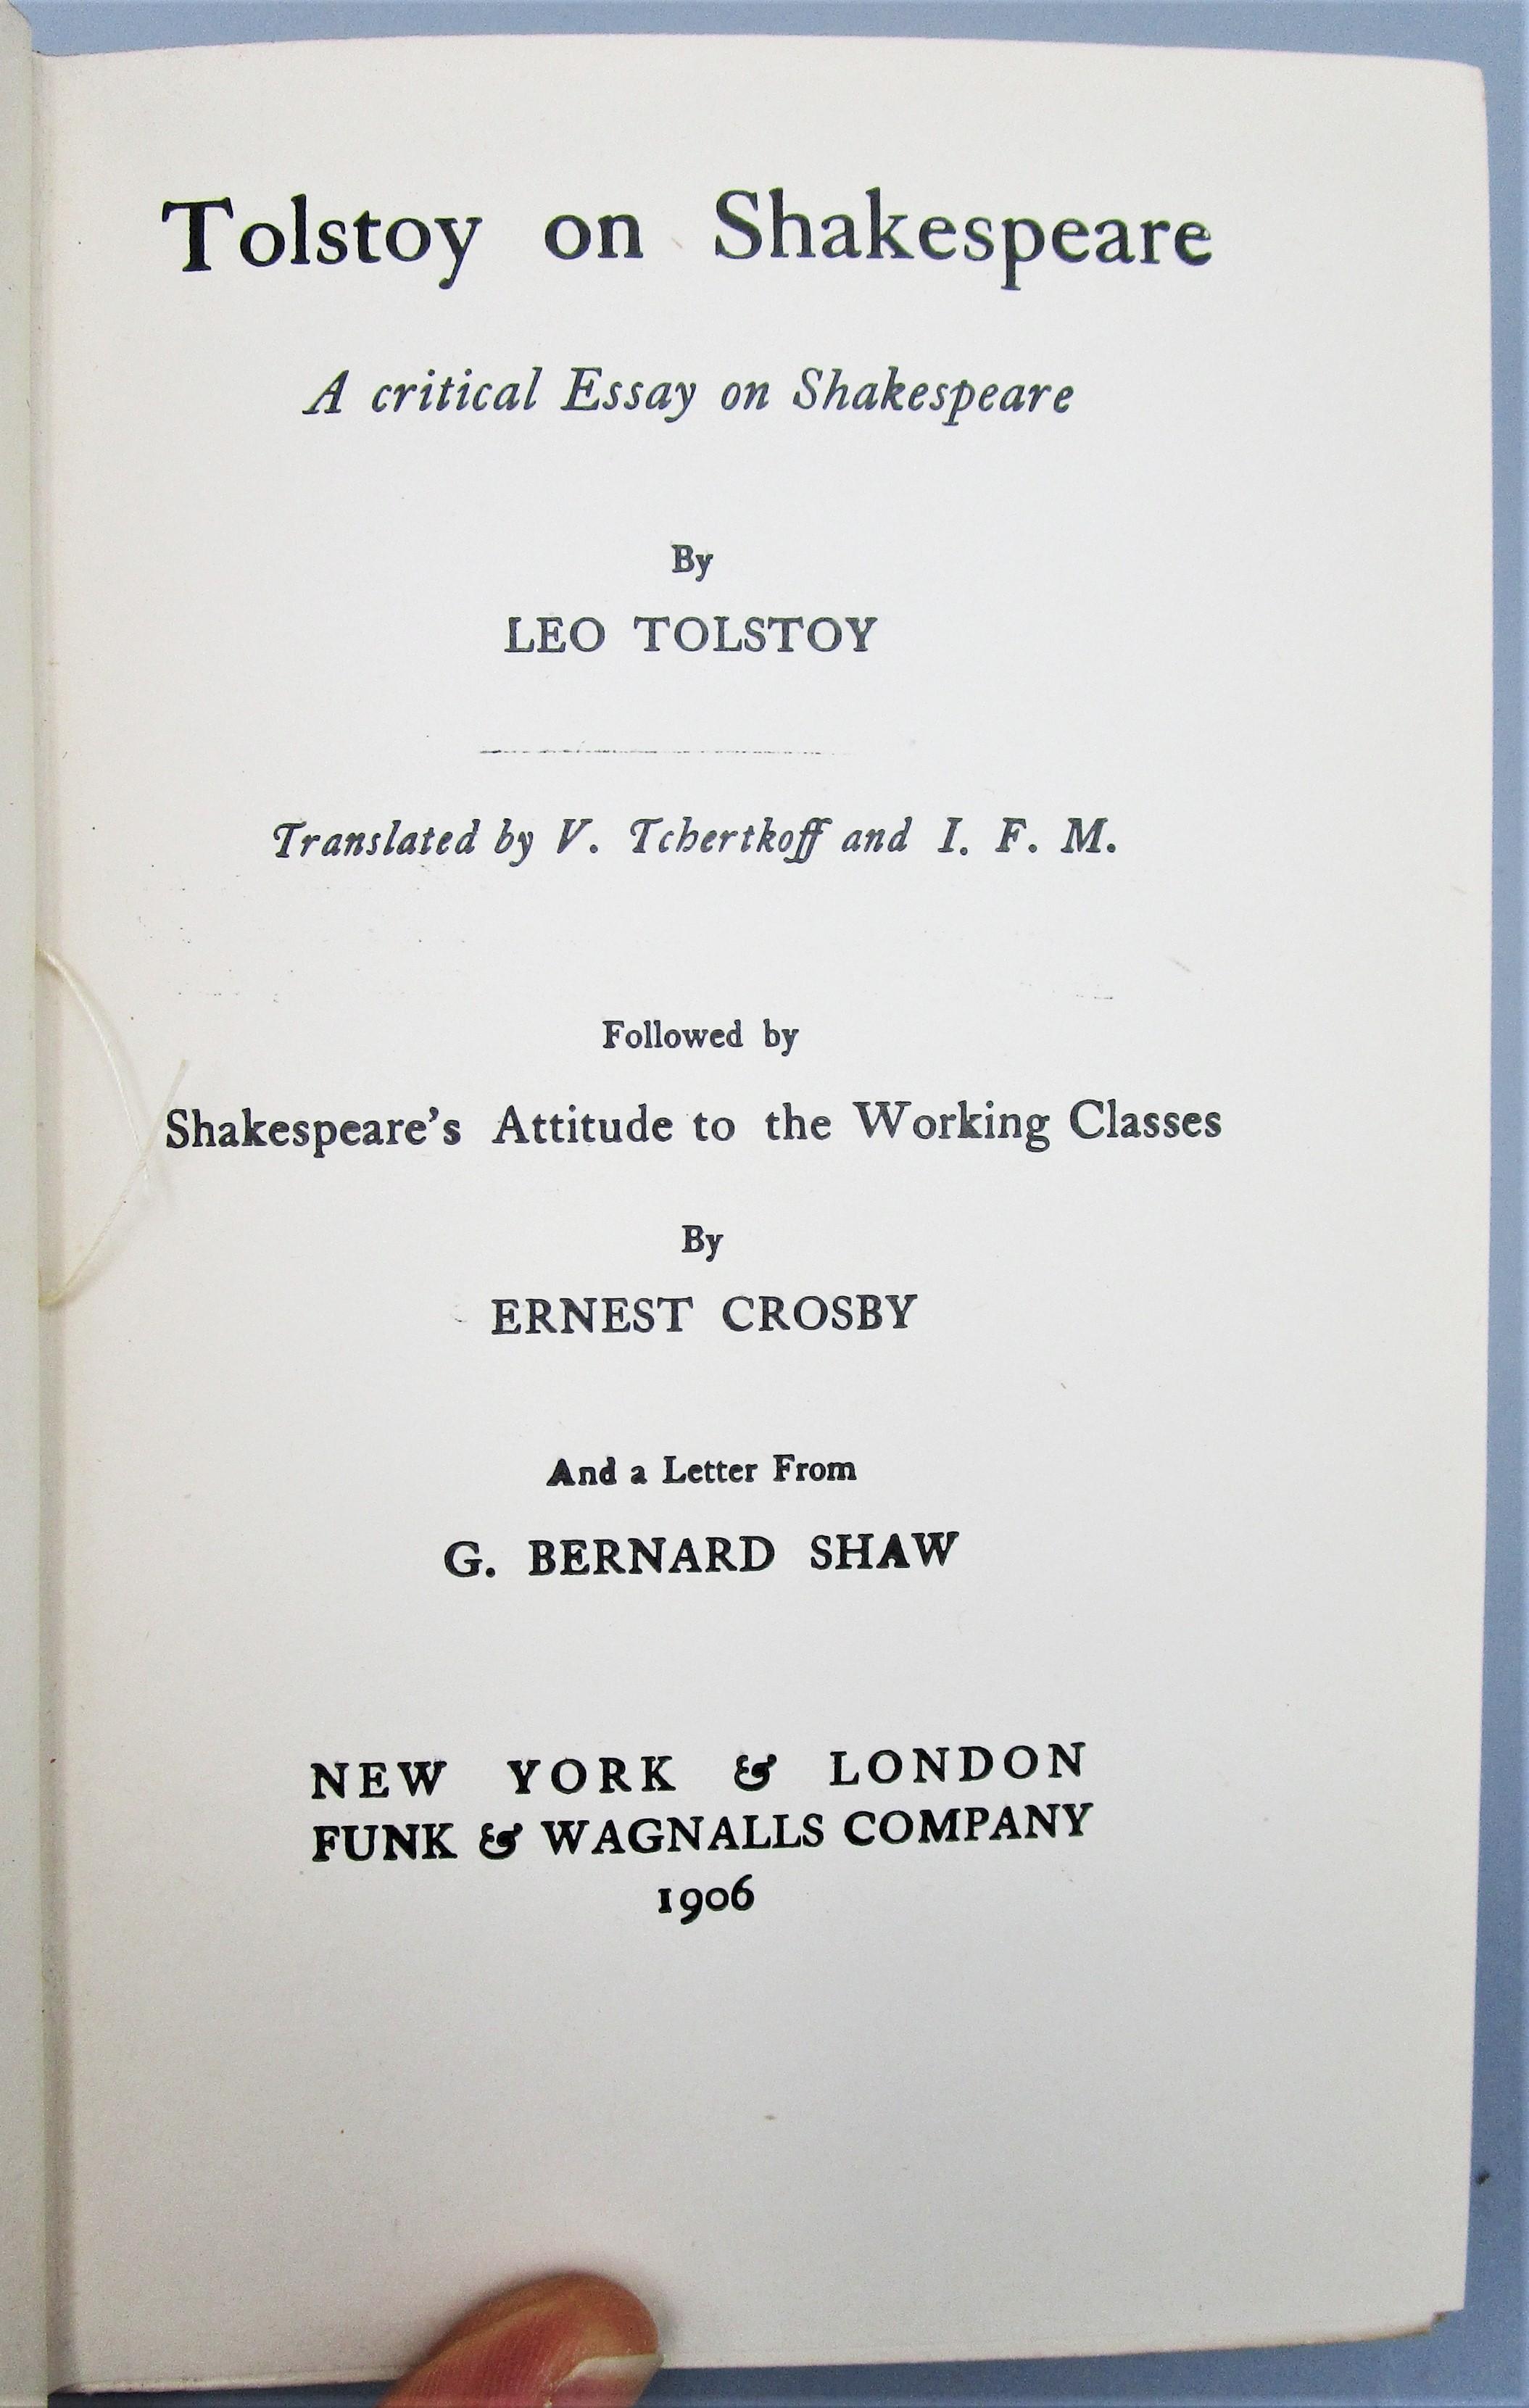 TOLSTOY ON SHAKESPEARE - 1906 [1st Ed]